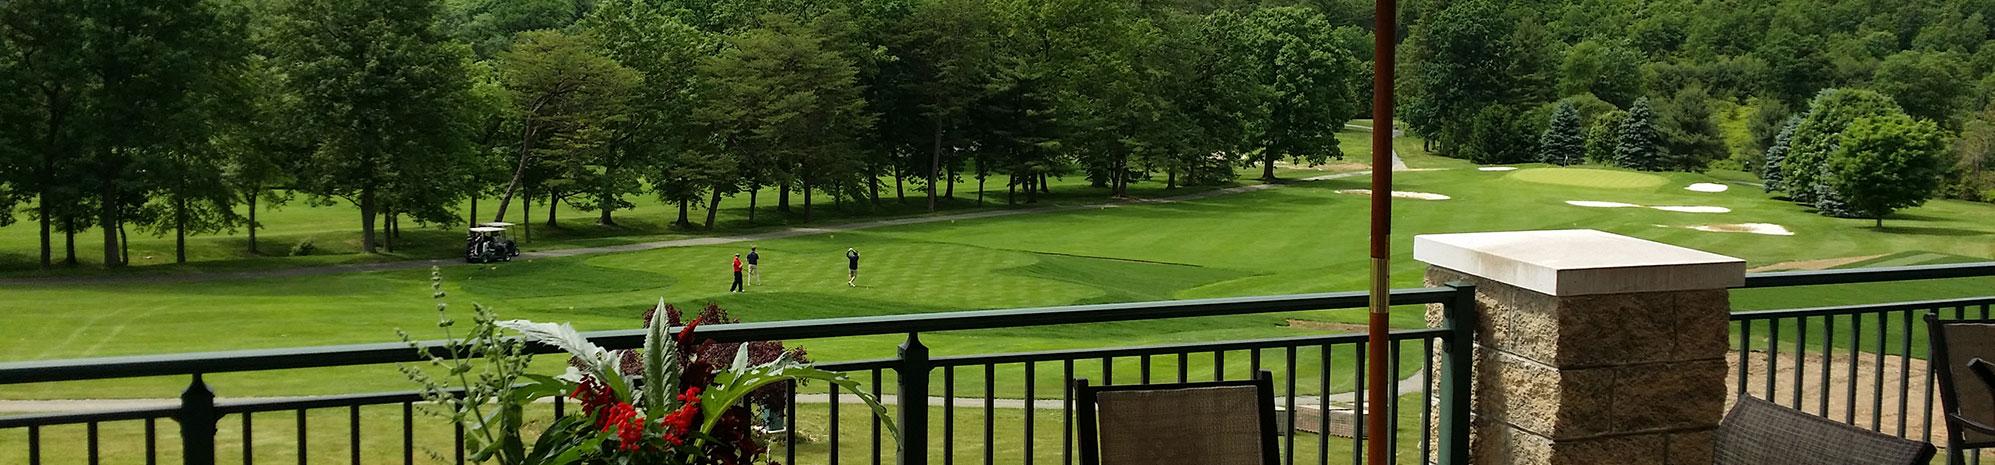 34+ Blue shamrock golf course palmerton pennsylvania info